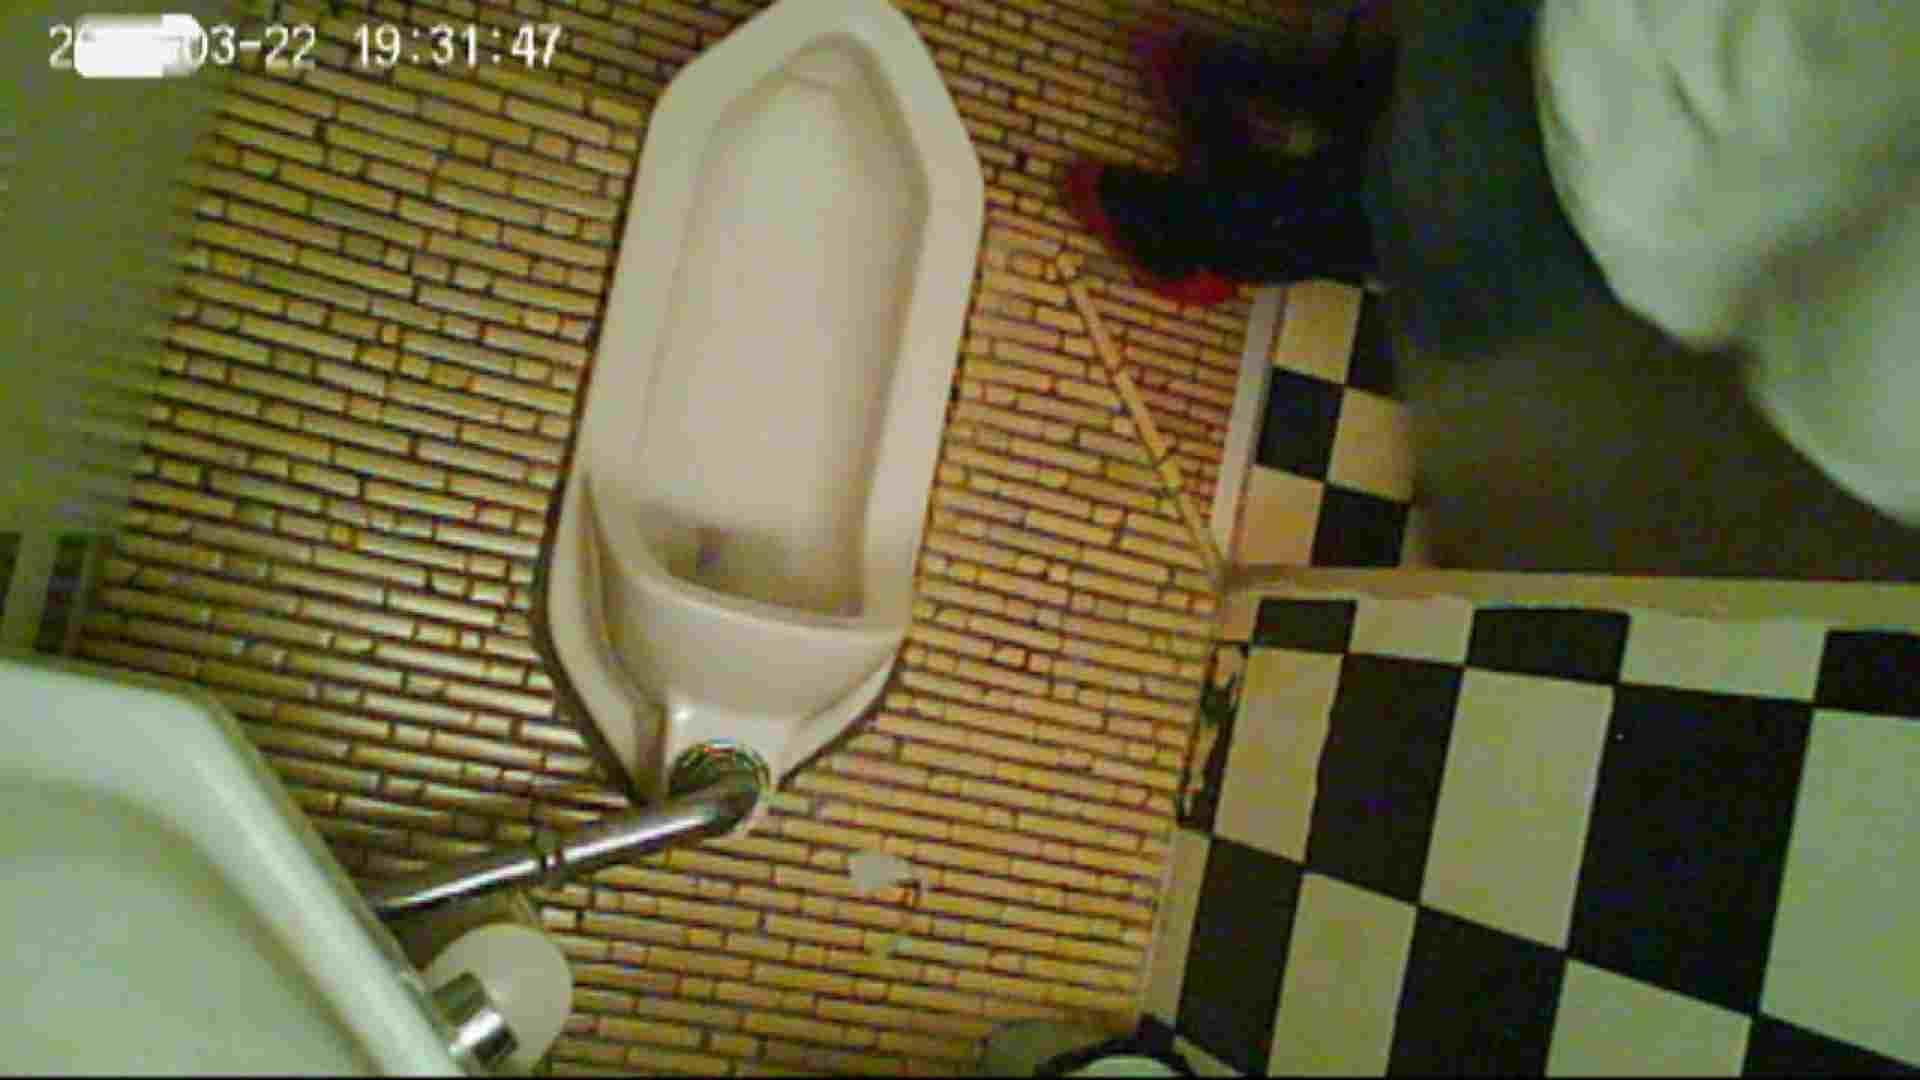 和式トイレの喫茶店店主マロンさんのコレクションvol.4 盗撮 すけべAV動画紹介 85枚 37